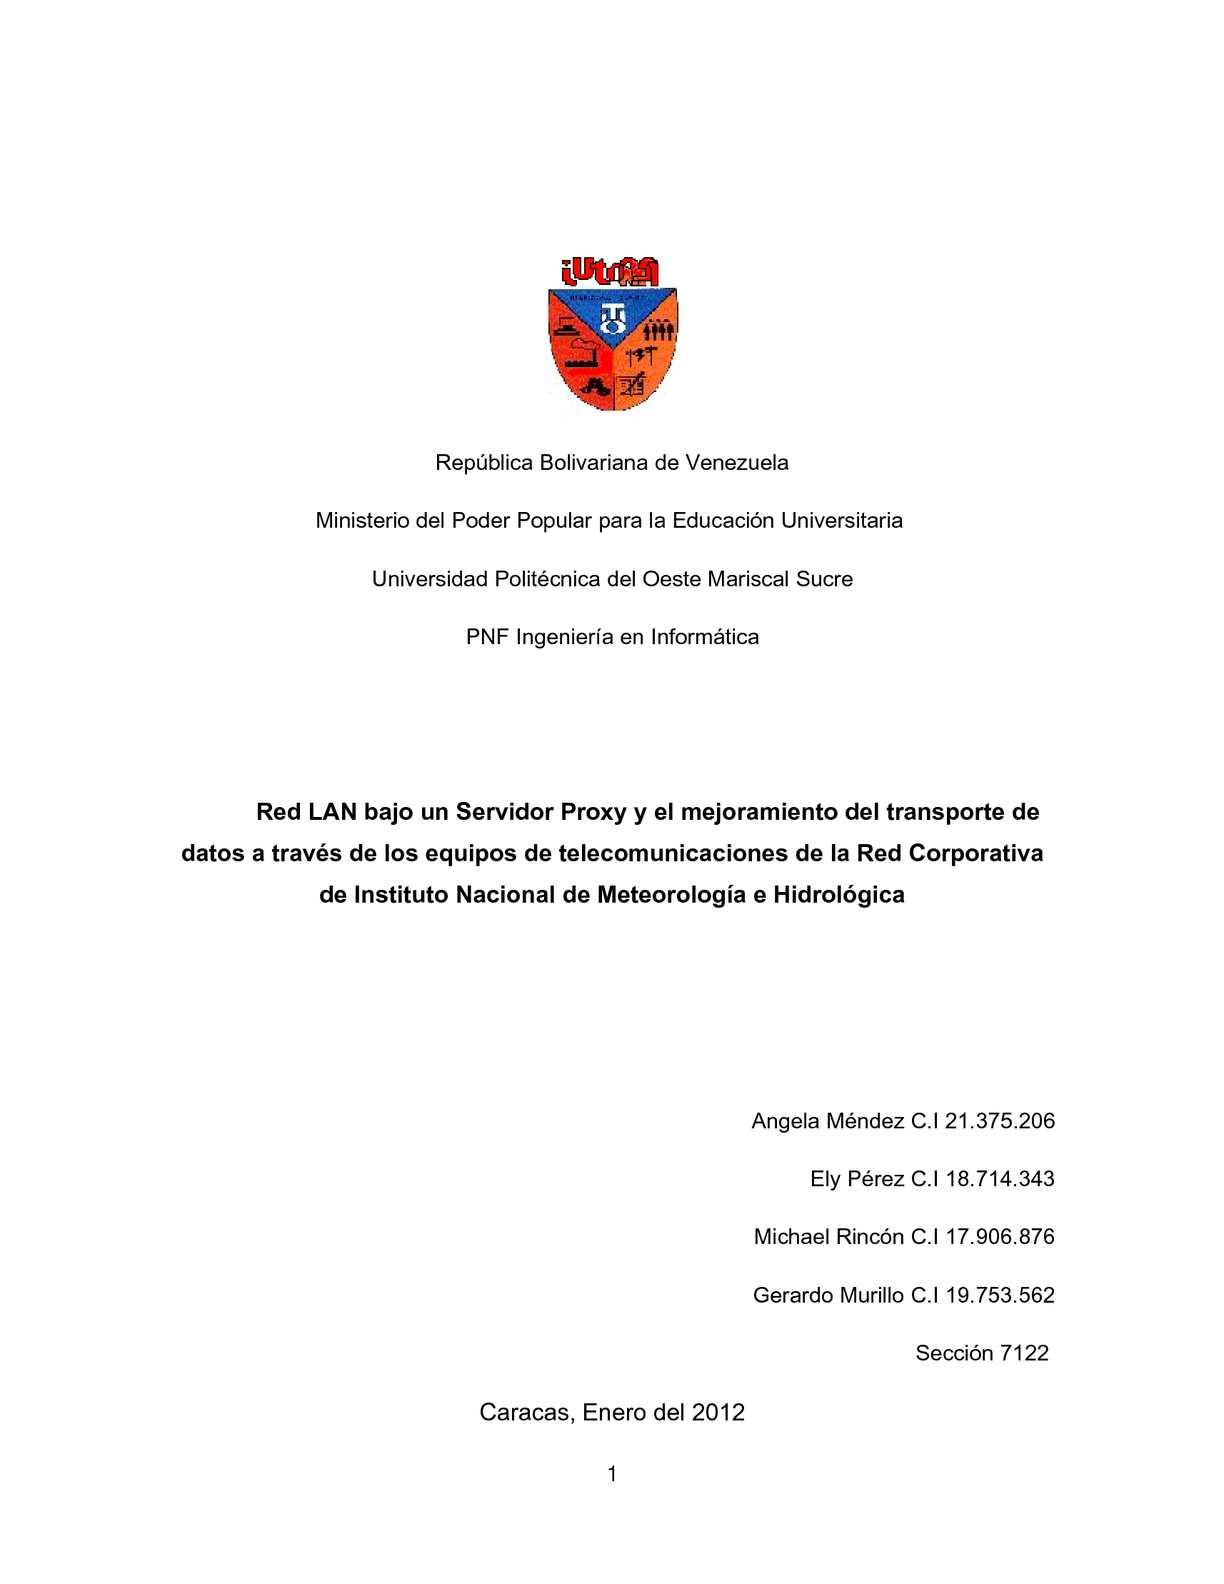 Calaméo - PROYECTO COMPLETO DE RED LAN